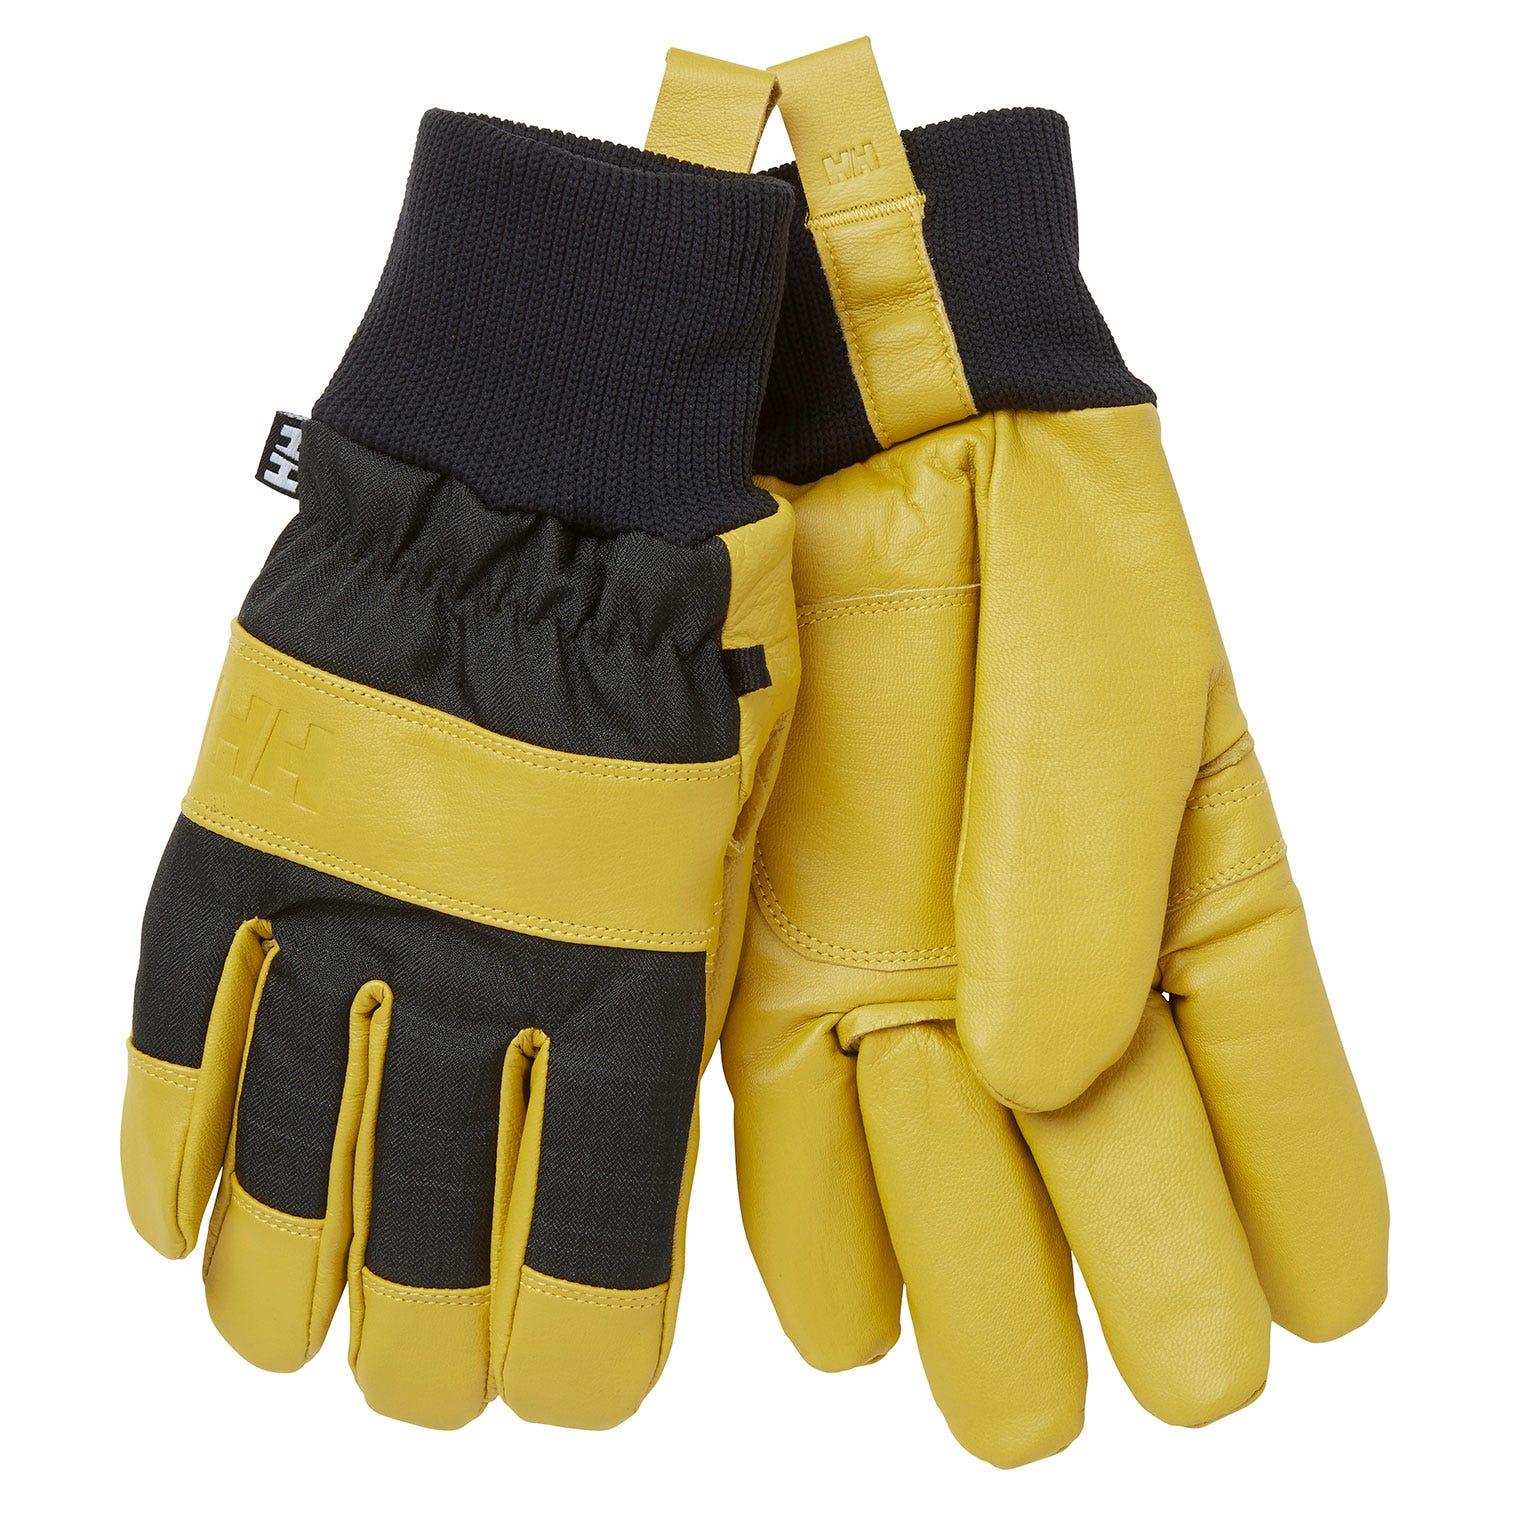 Helly Hansen Dawn Patrol Glove Mens Yellow S